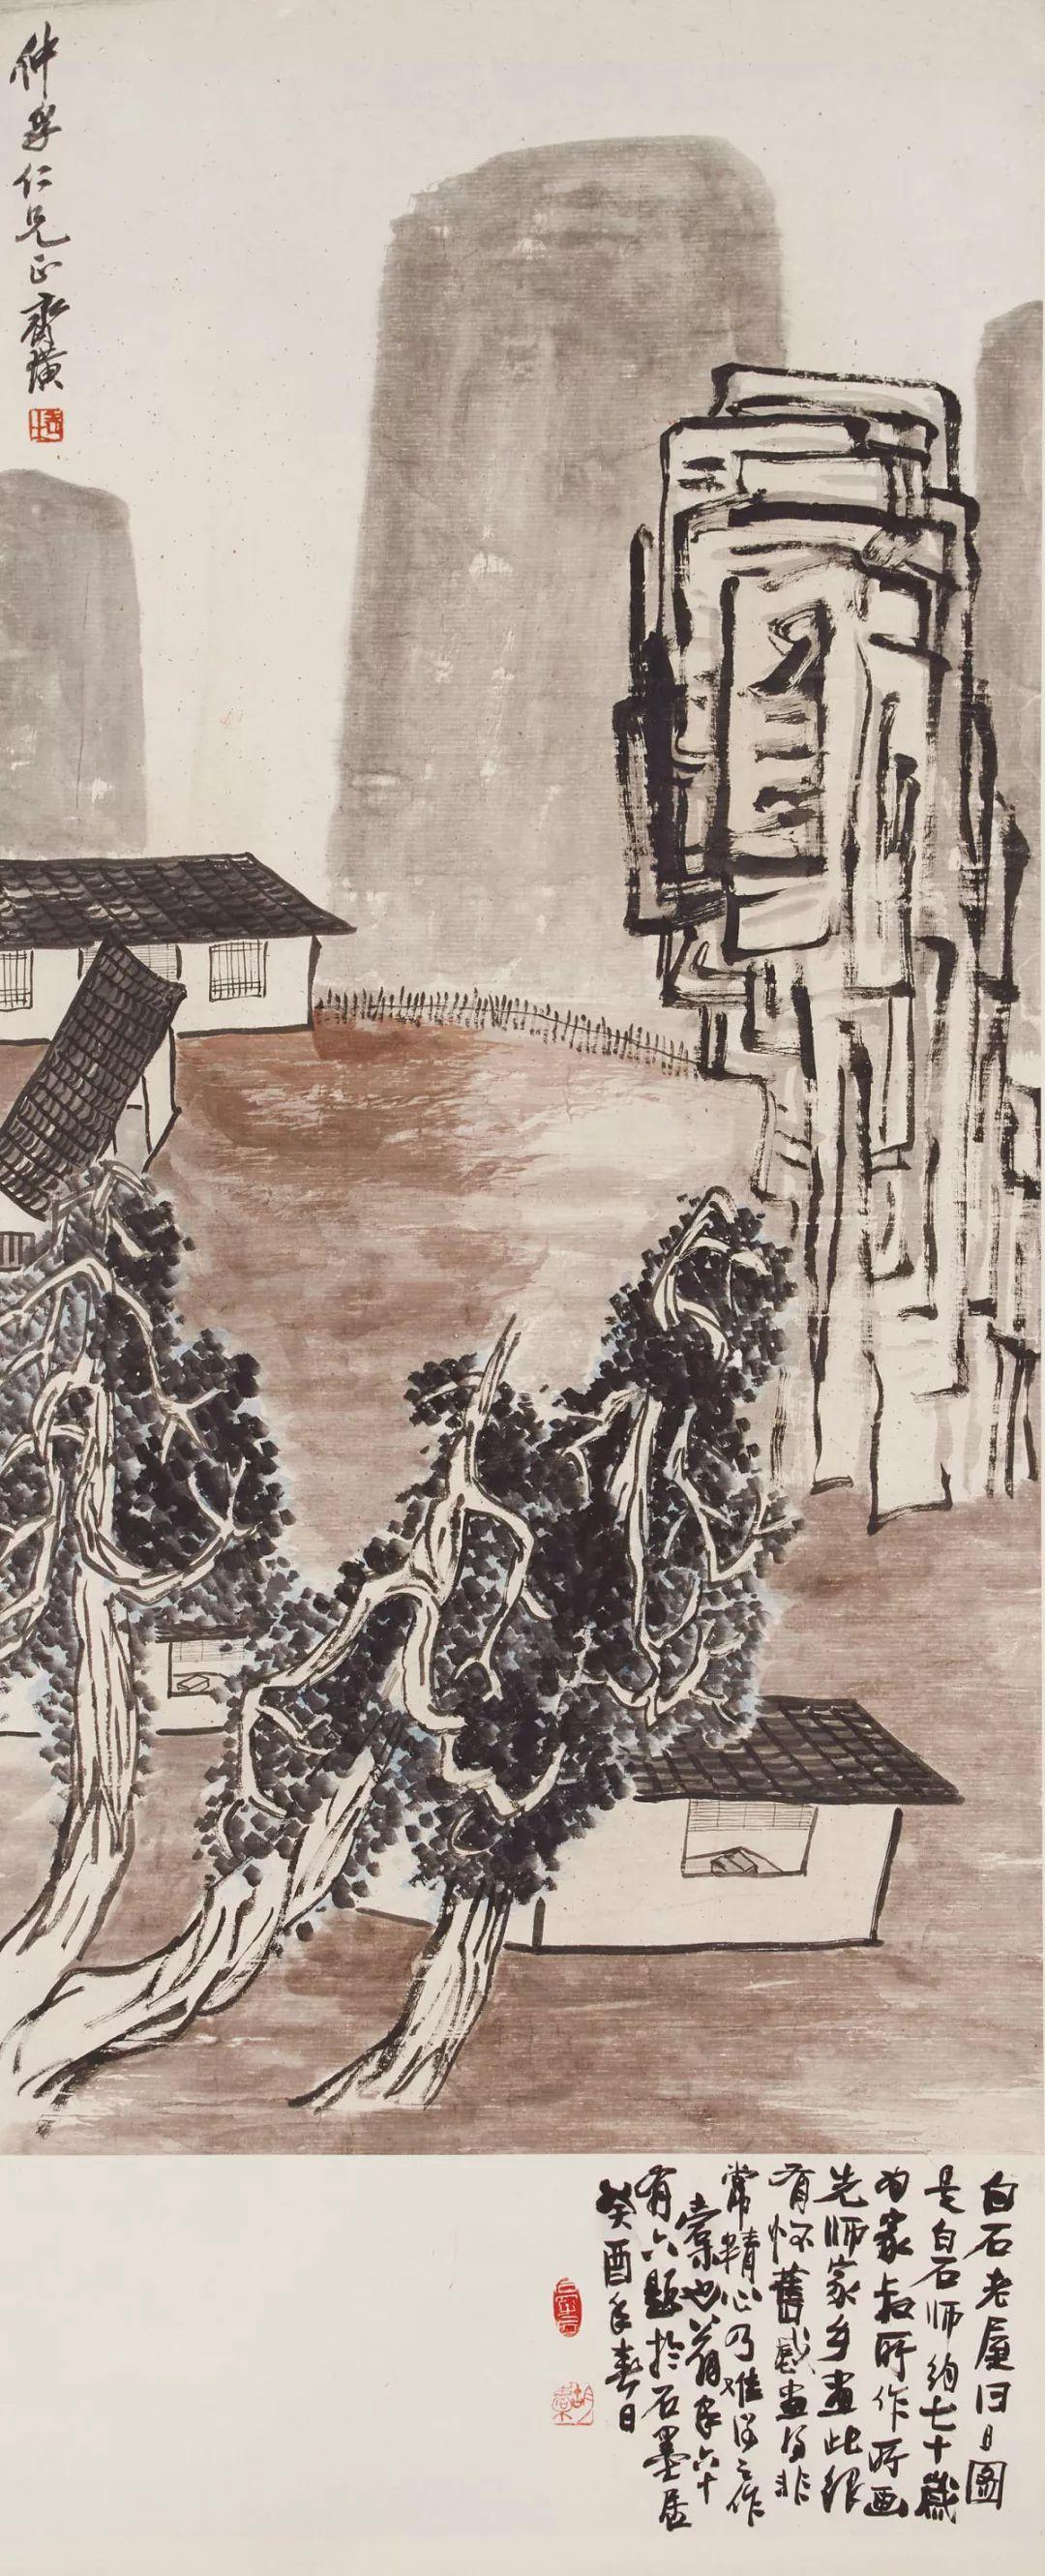 齊白石(1863-1957) 白石老屋舊日圖 設色紙本 立軸 103.5×...